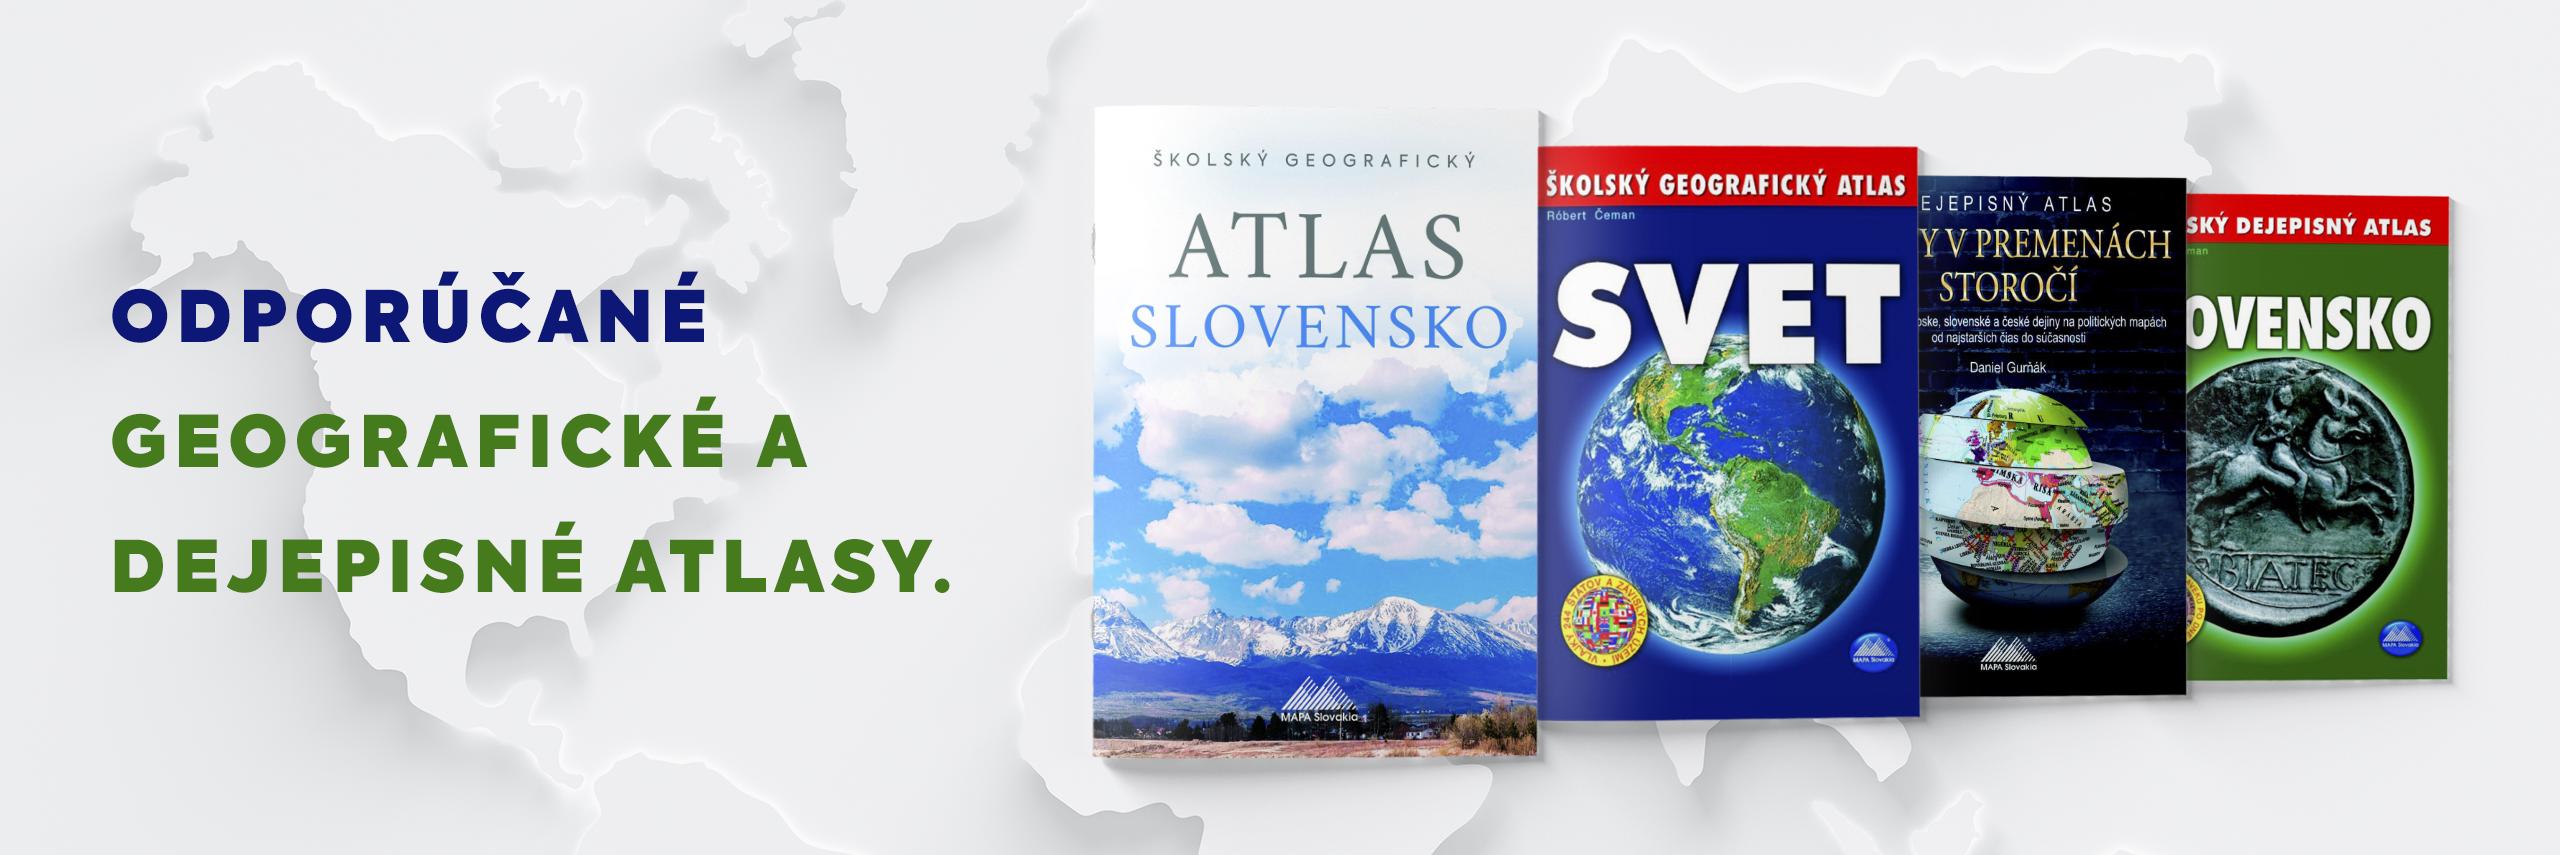 Odporúčané geografické a dejepisné atlasy